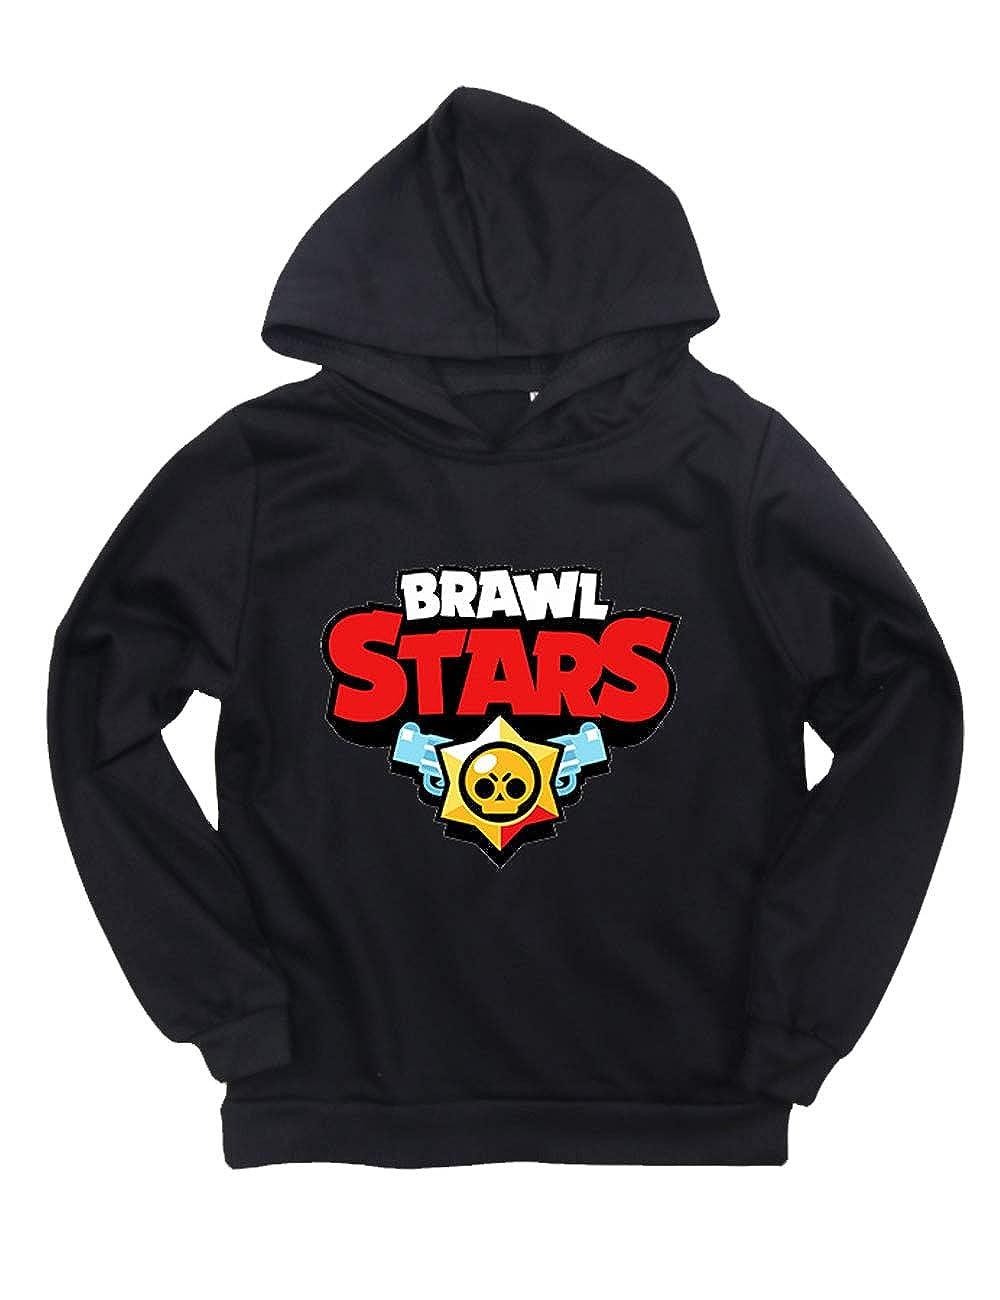 Stampa 3D Felpa con Cappuccio Brawl Stars per Bambini,Brawl Stars Felpa per Ragazzo e Ragazza Abbigliamento Sportivo Pullover Hoodie Manica Lunga